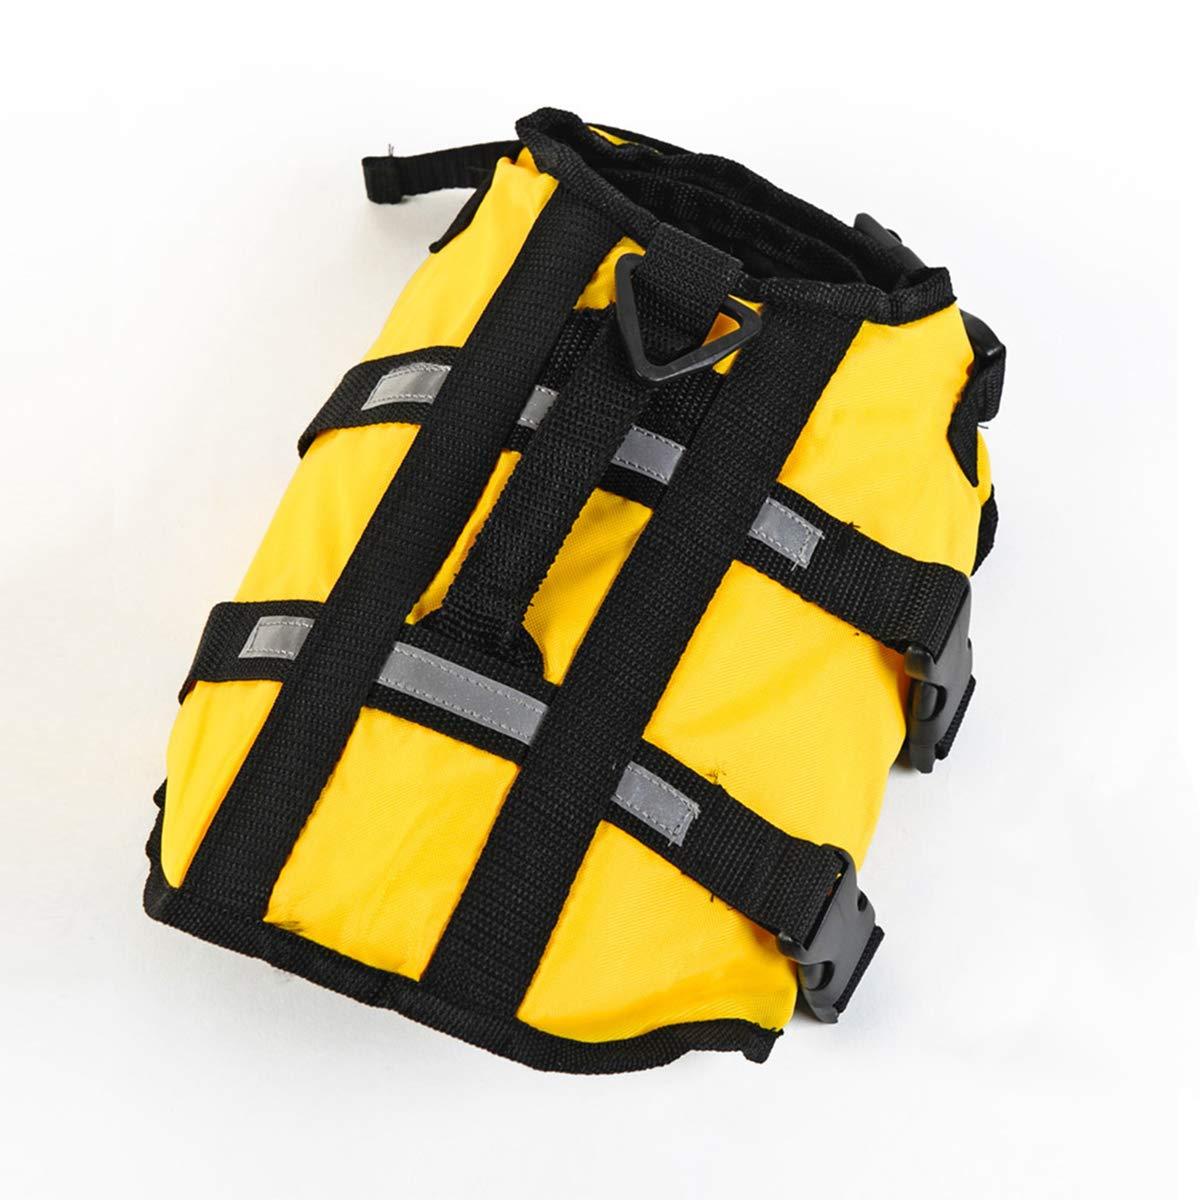 PETCUTE Gilet de Sauvetage Pour Chiens/Veste de Flottaison Pour Chiens Gilet avec poignée supérieure et sangles réfléchissantes/Veste Lifesaver pour chien